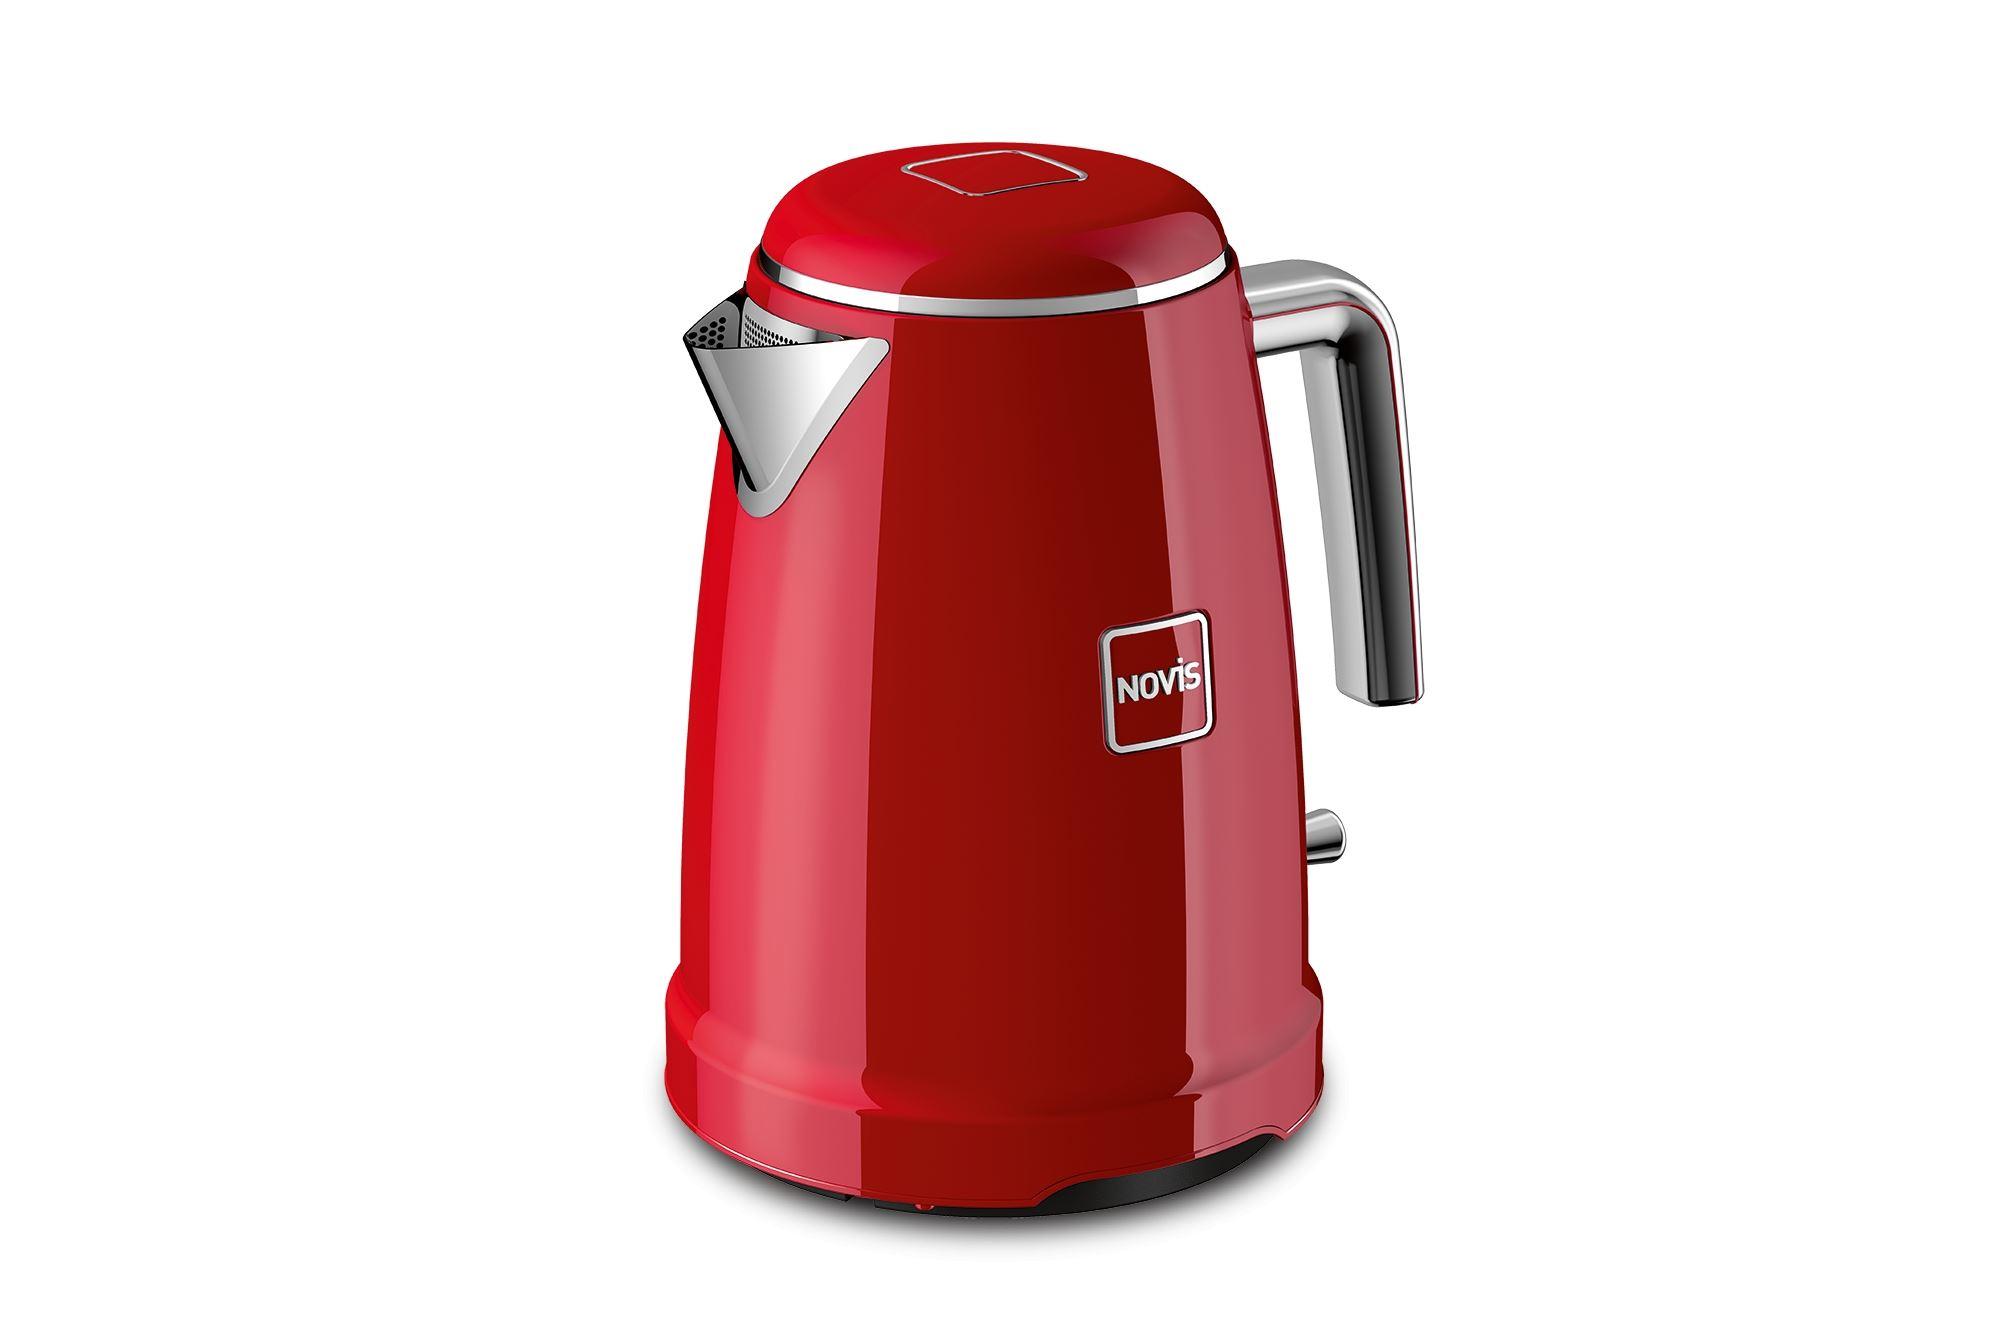 Novis Wasserkocher K1 - rot